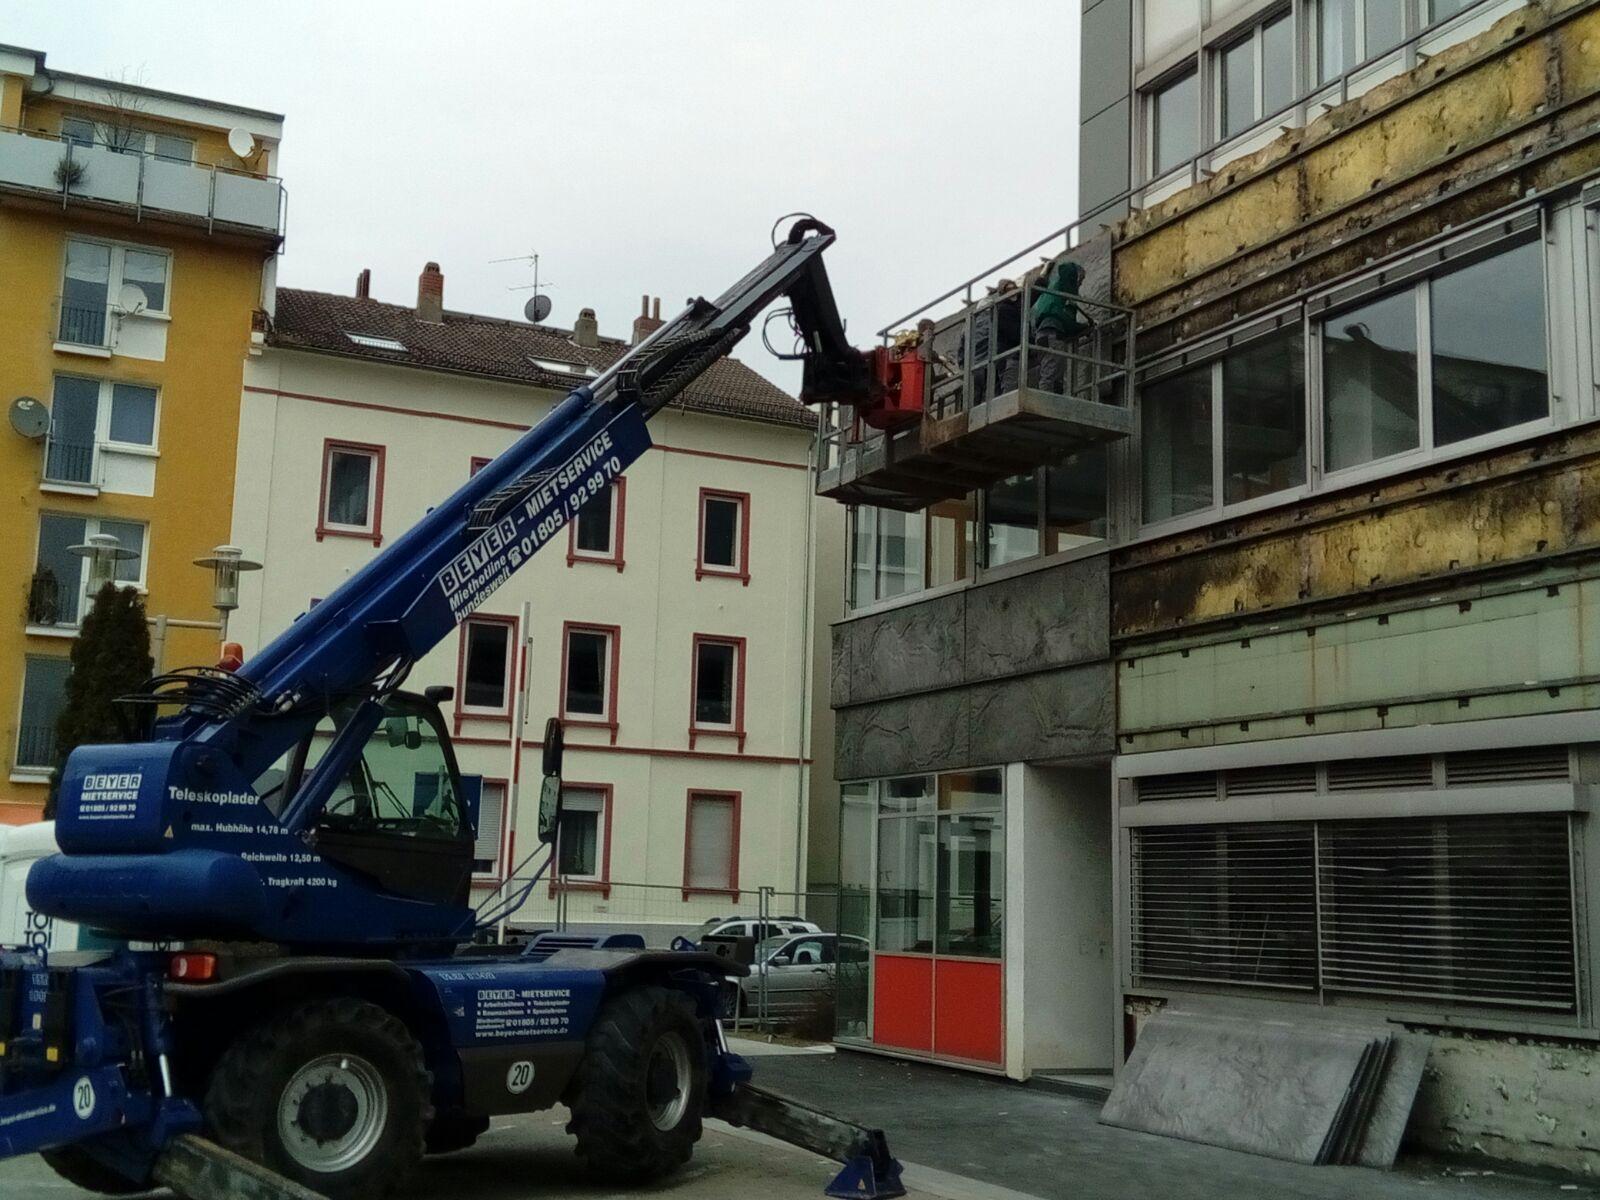 Demontage von Alu-Druckgussplatten, Agentur für Arbeit Offenbach